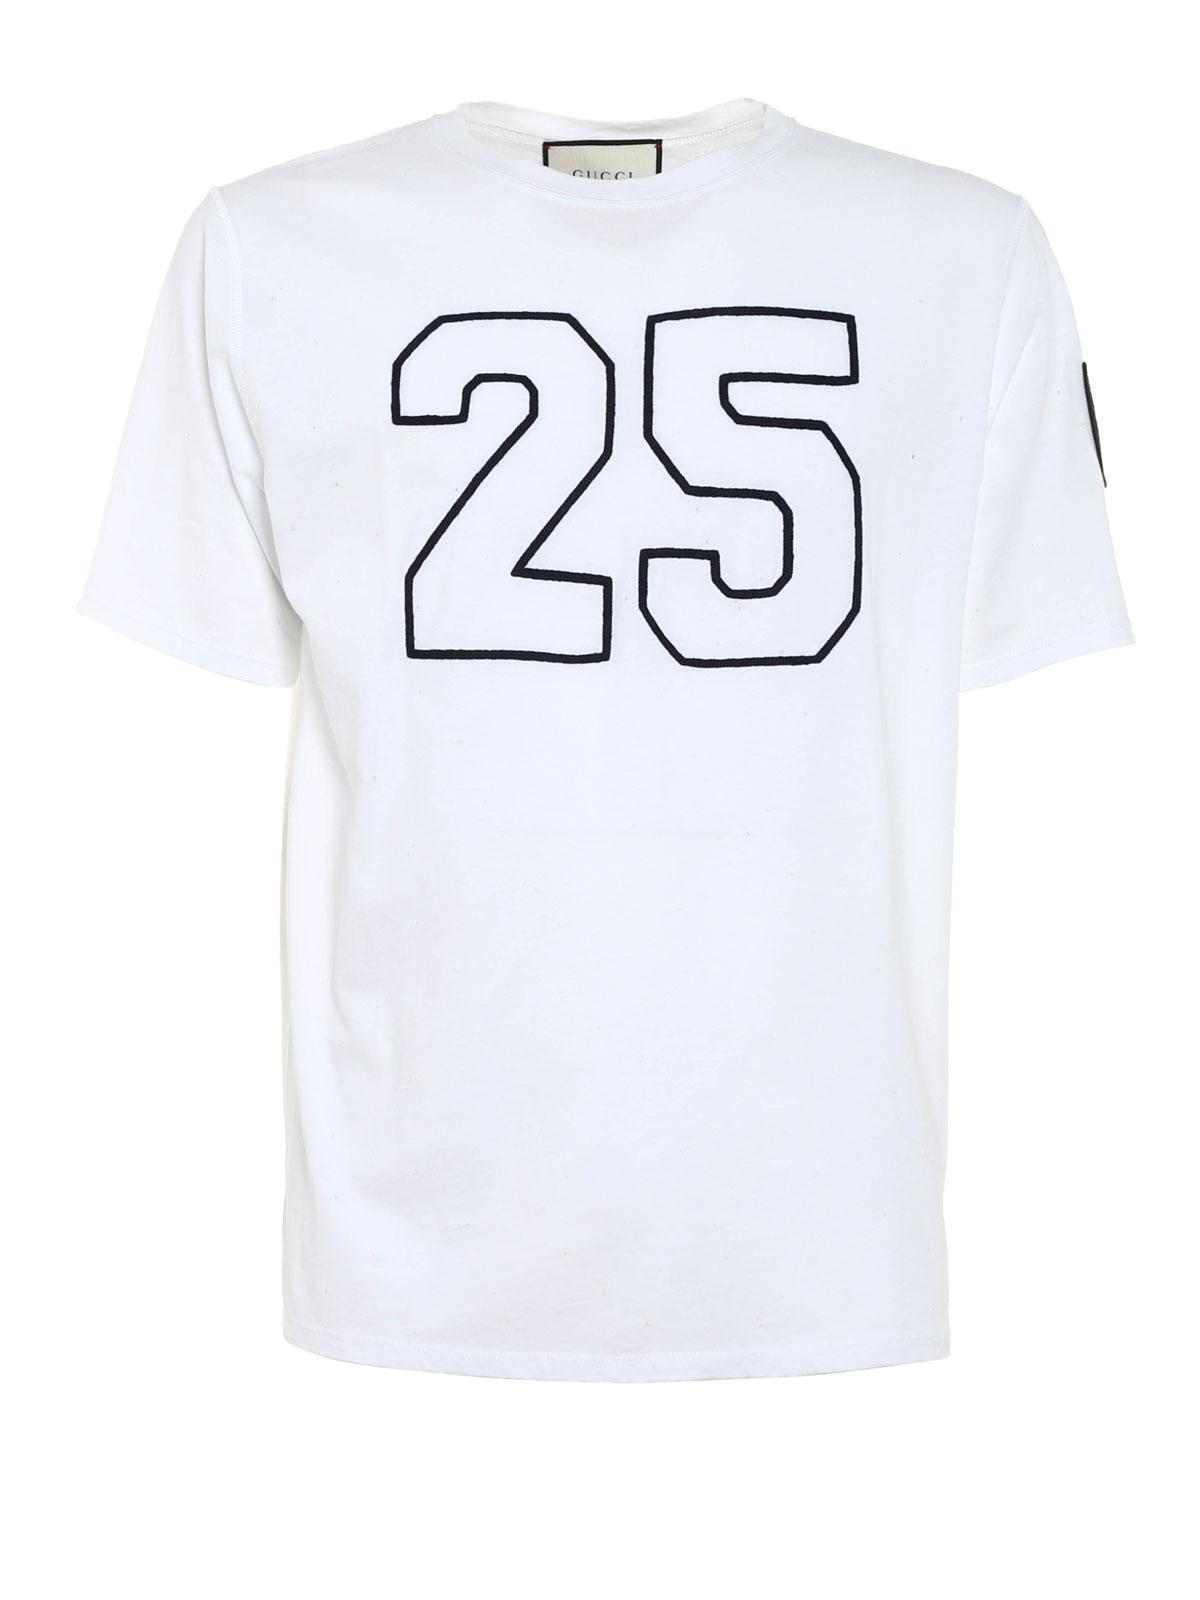 994881db Gucci - T-Shirt Aus Baumwolle Mit Löcher - T-shirts - MN0 408849 ...